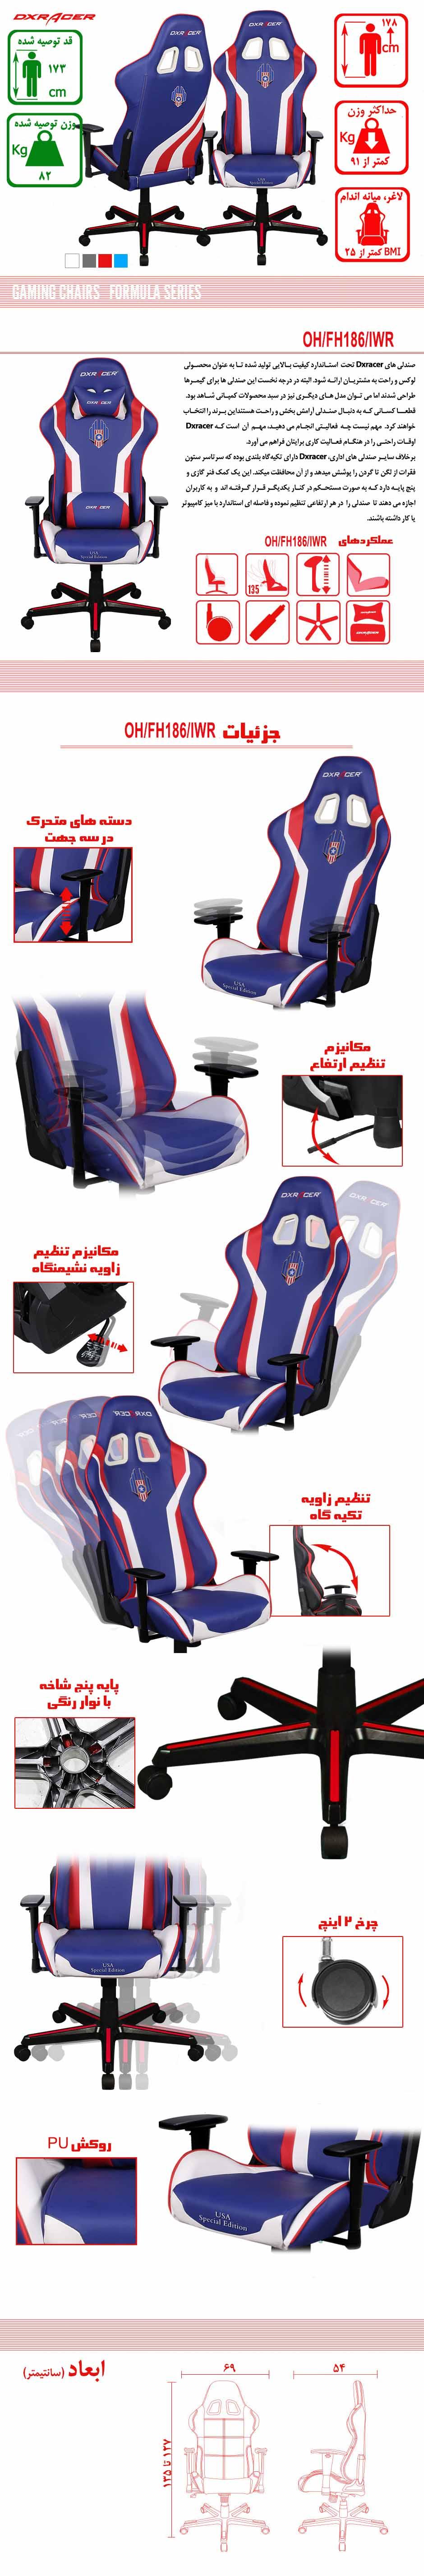 خرید-صندلی-گیمینگ-سری-فرمولا-DxRacer-Formula-Series-OHFH186IWR